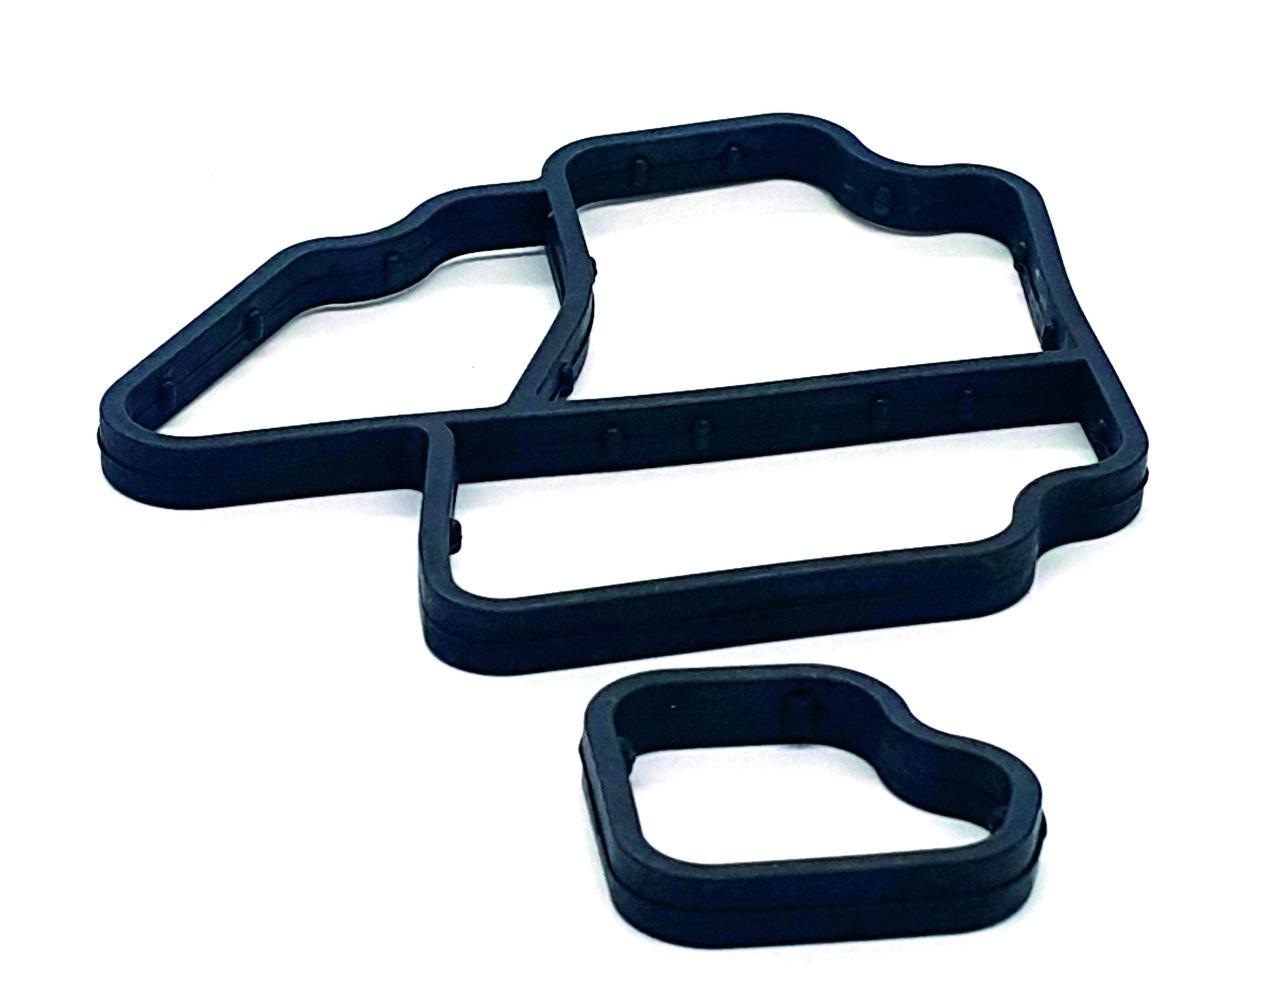 Прокладка корпуса масляного фильтра VW Beetle 03L198441 03L 198 441 Elring 235920 AND 14198002 RM123